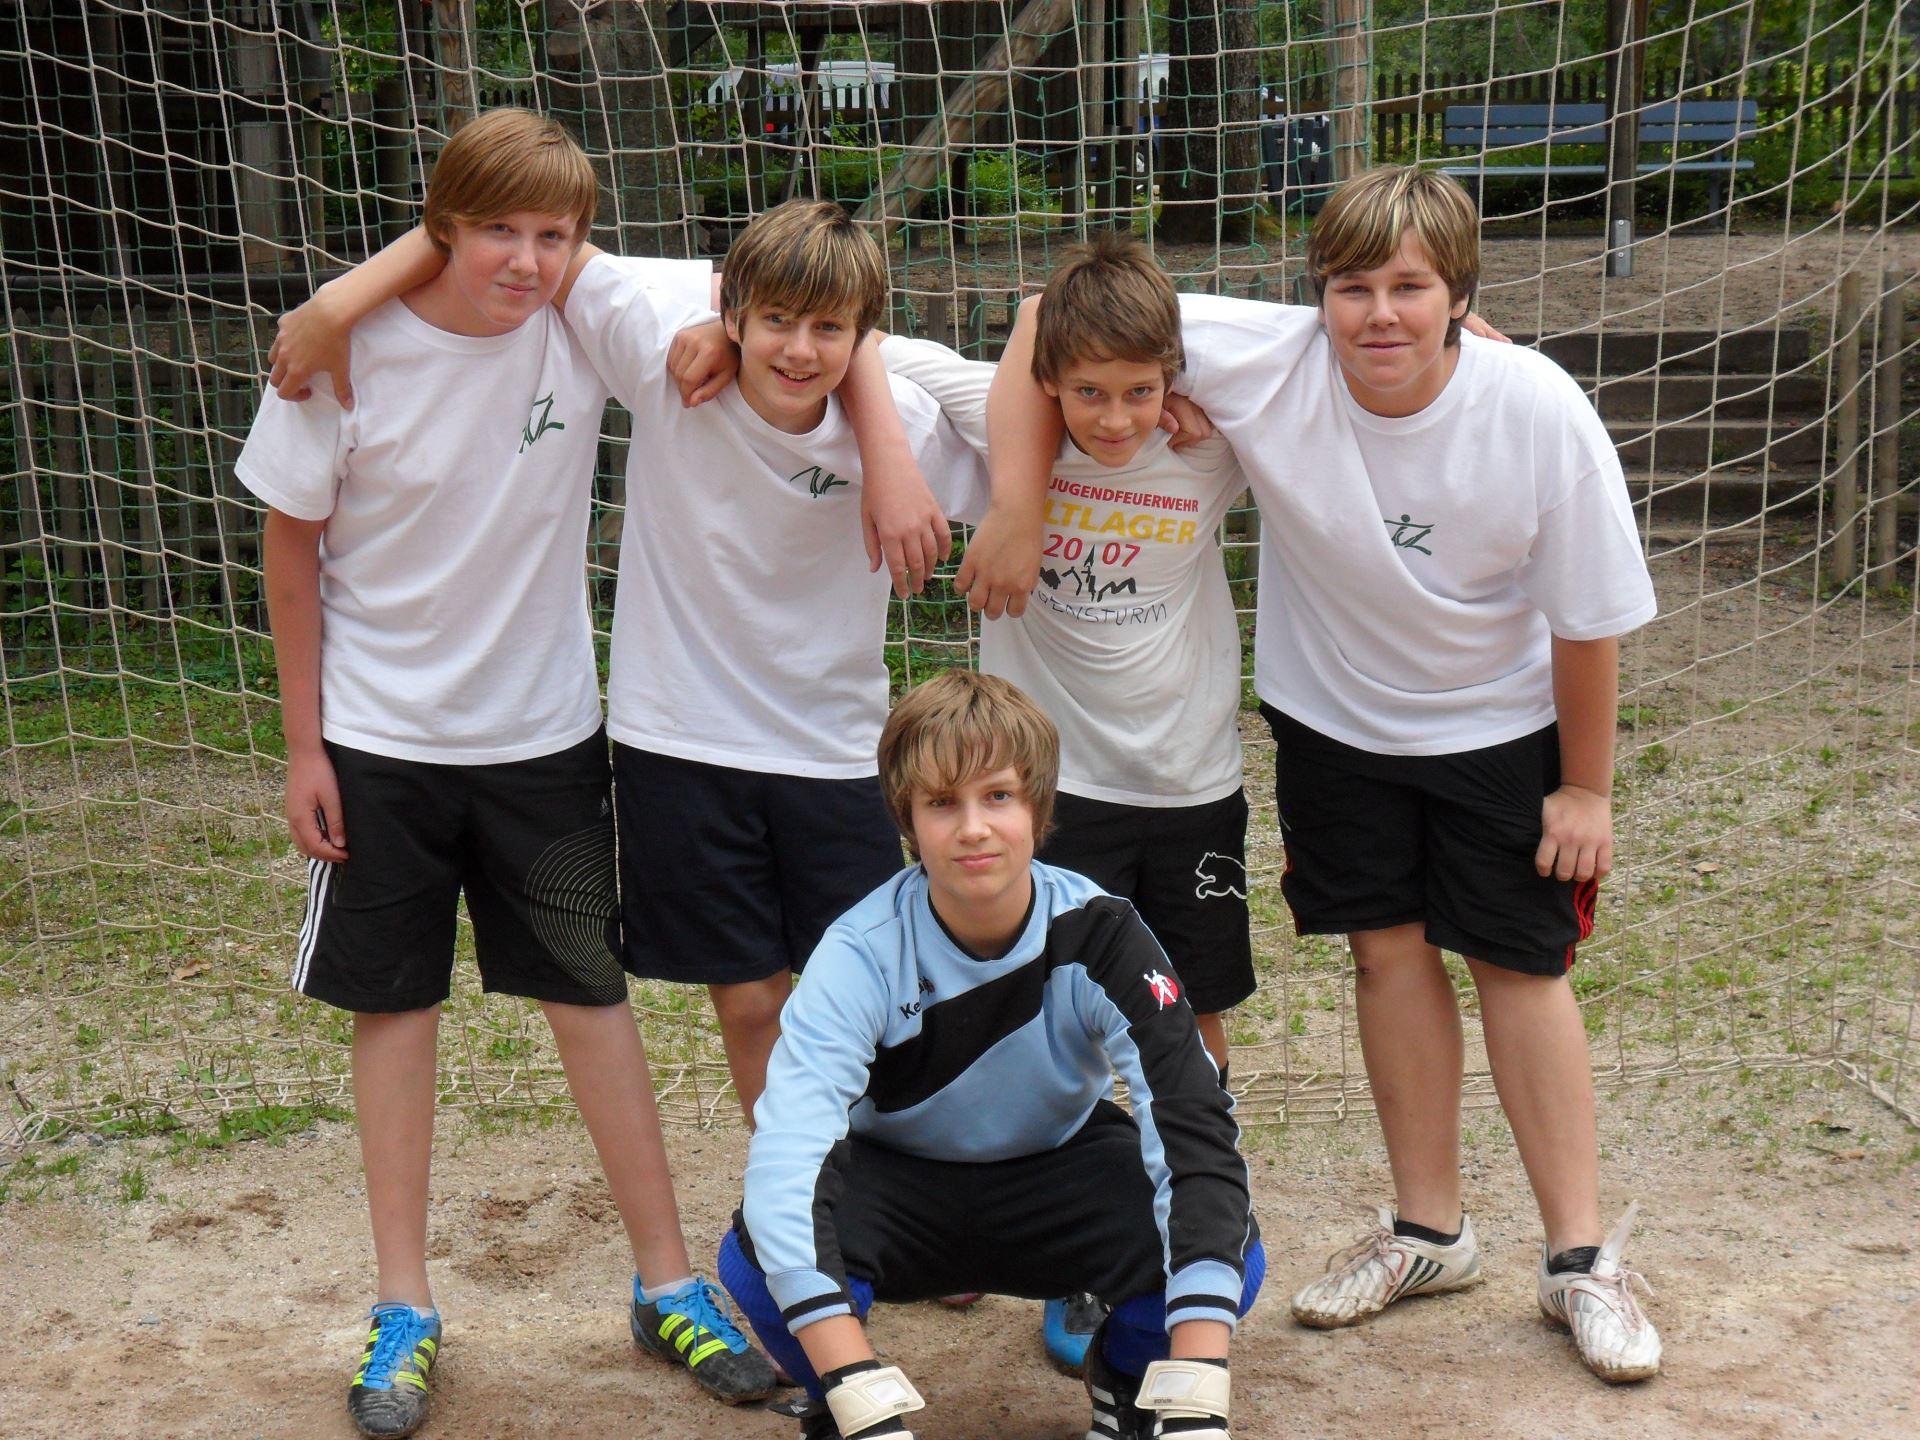 Gaudi-Fußballturnier auf dem Festplatz 2011 (01)